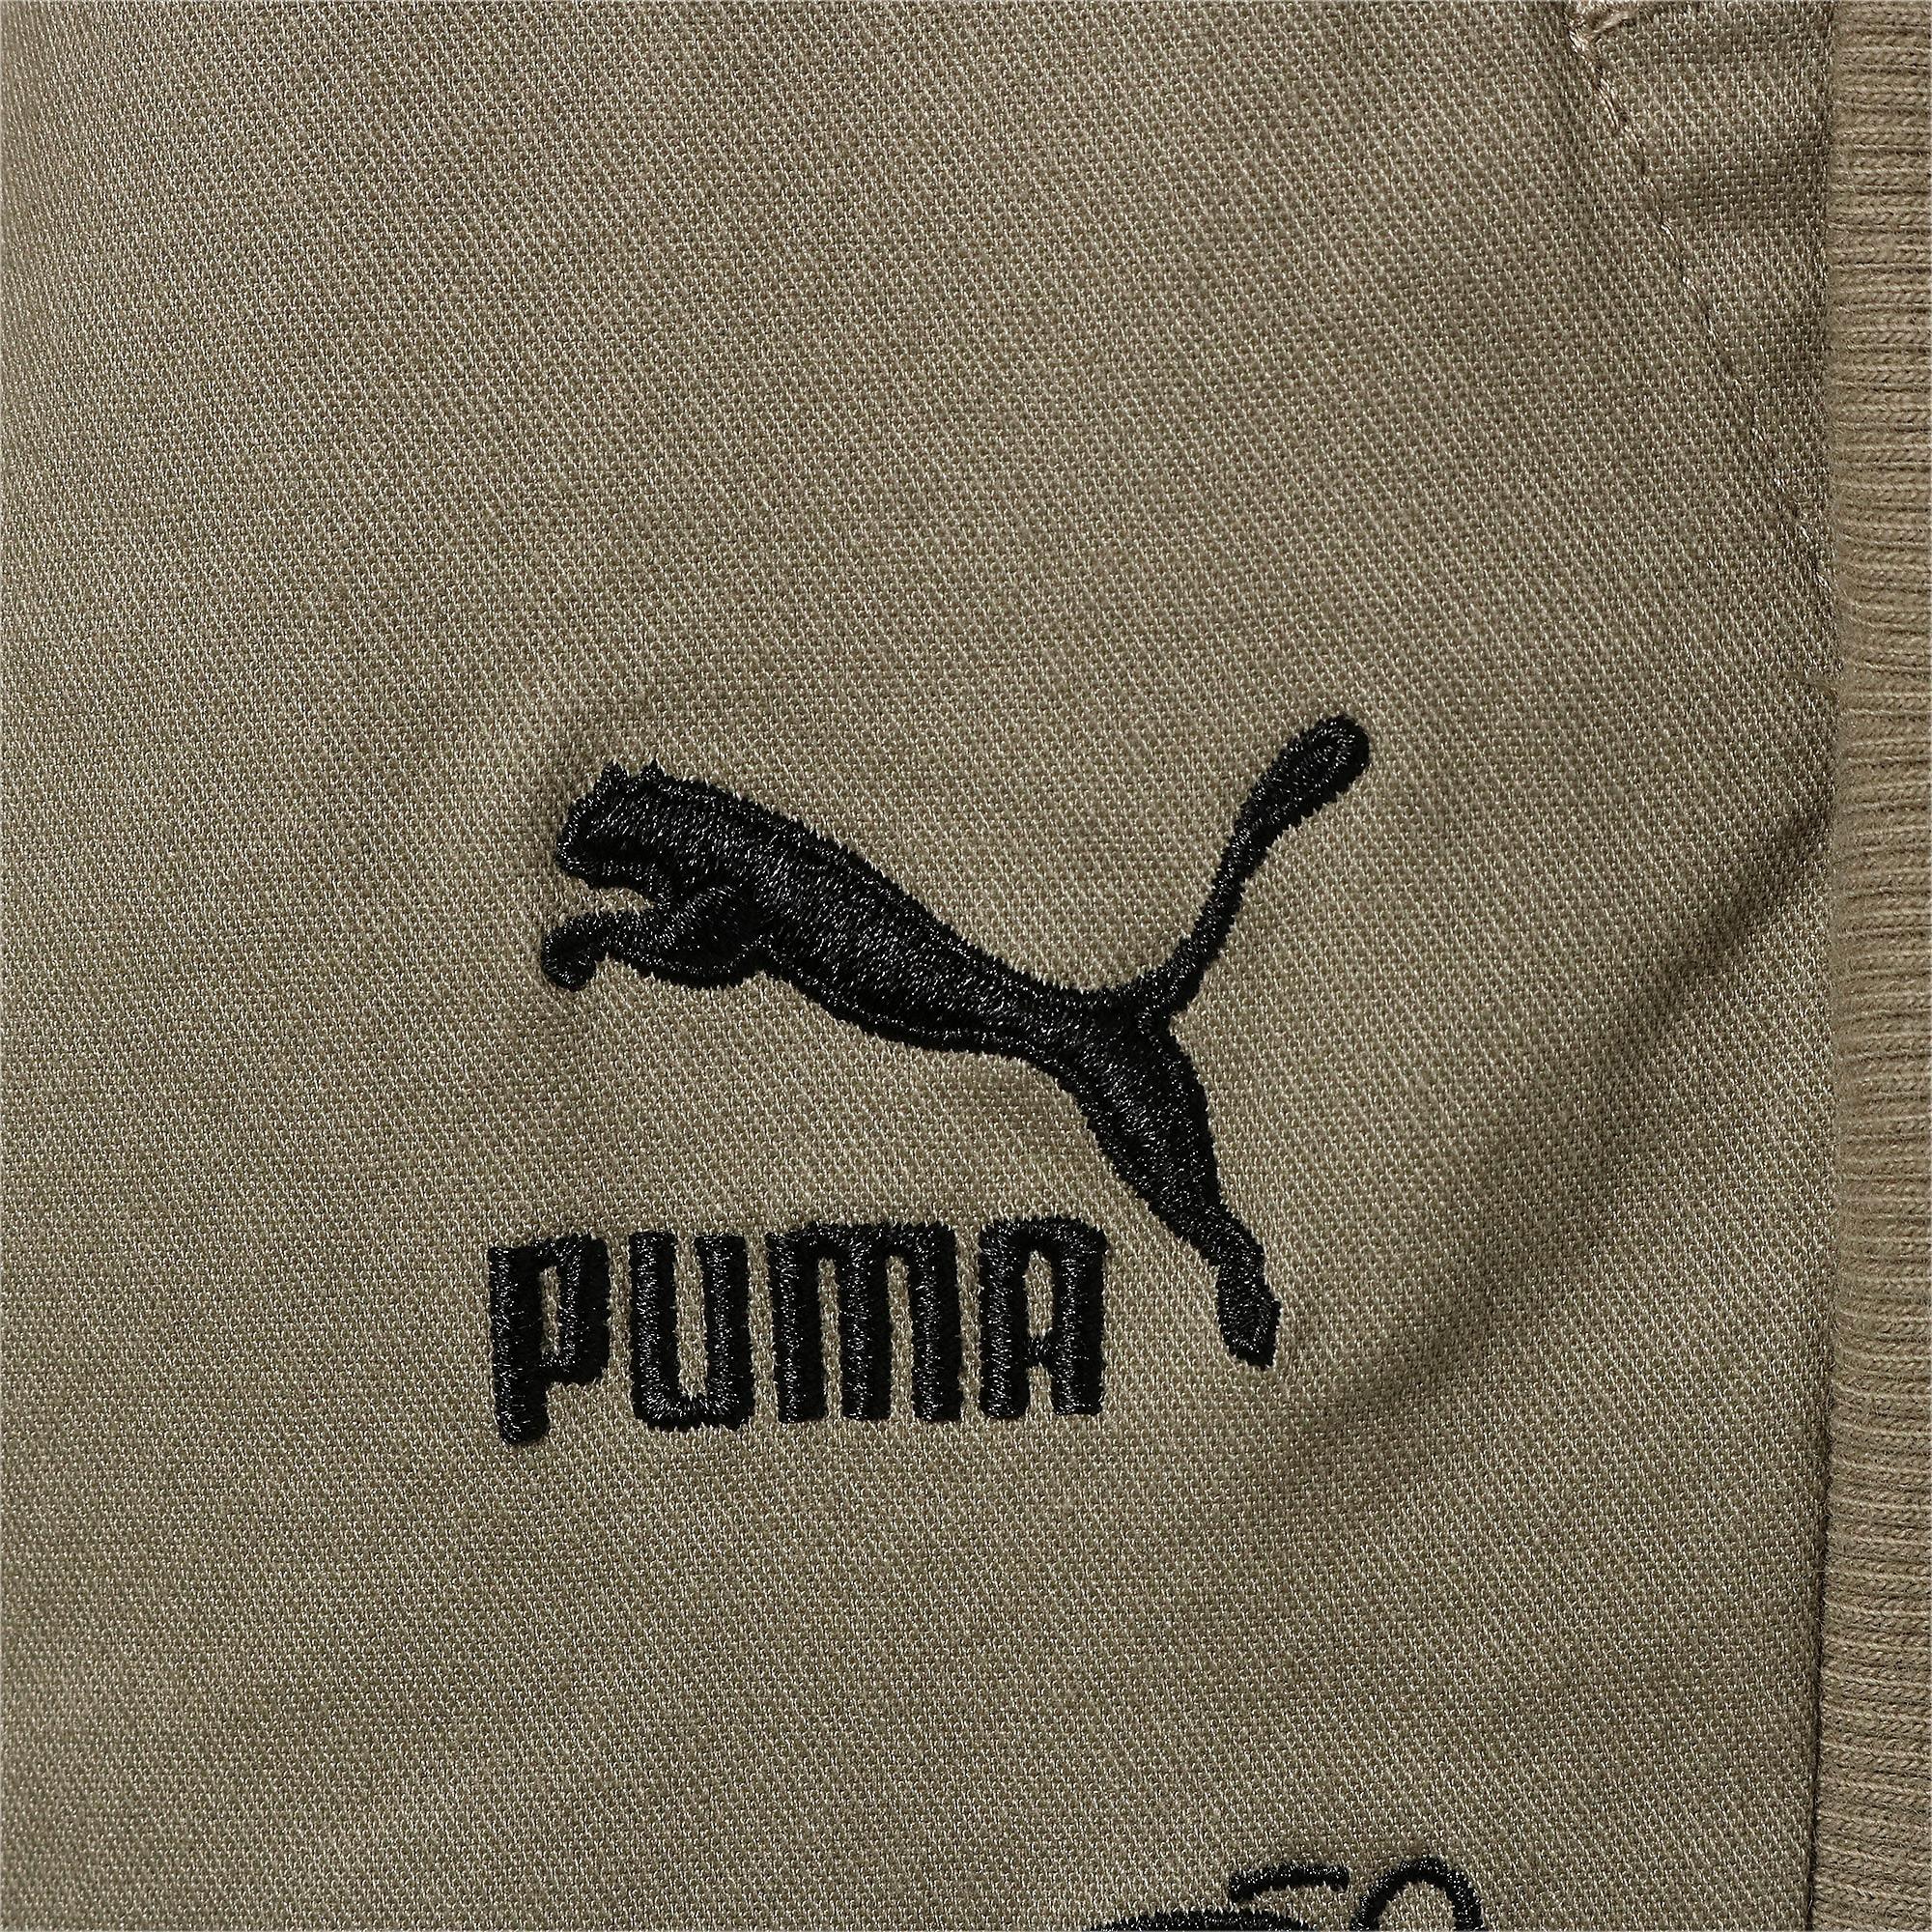 Thumbnail 4 of PUMA x TYAKASHA トラックパンツ, Vetiver, medium-JPN